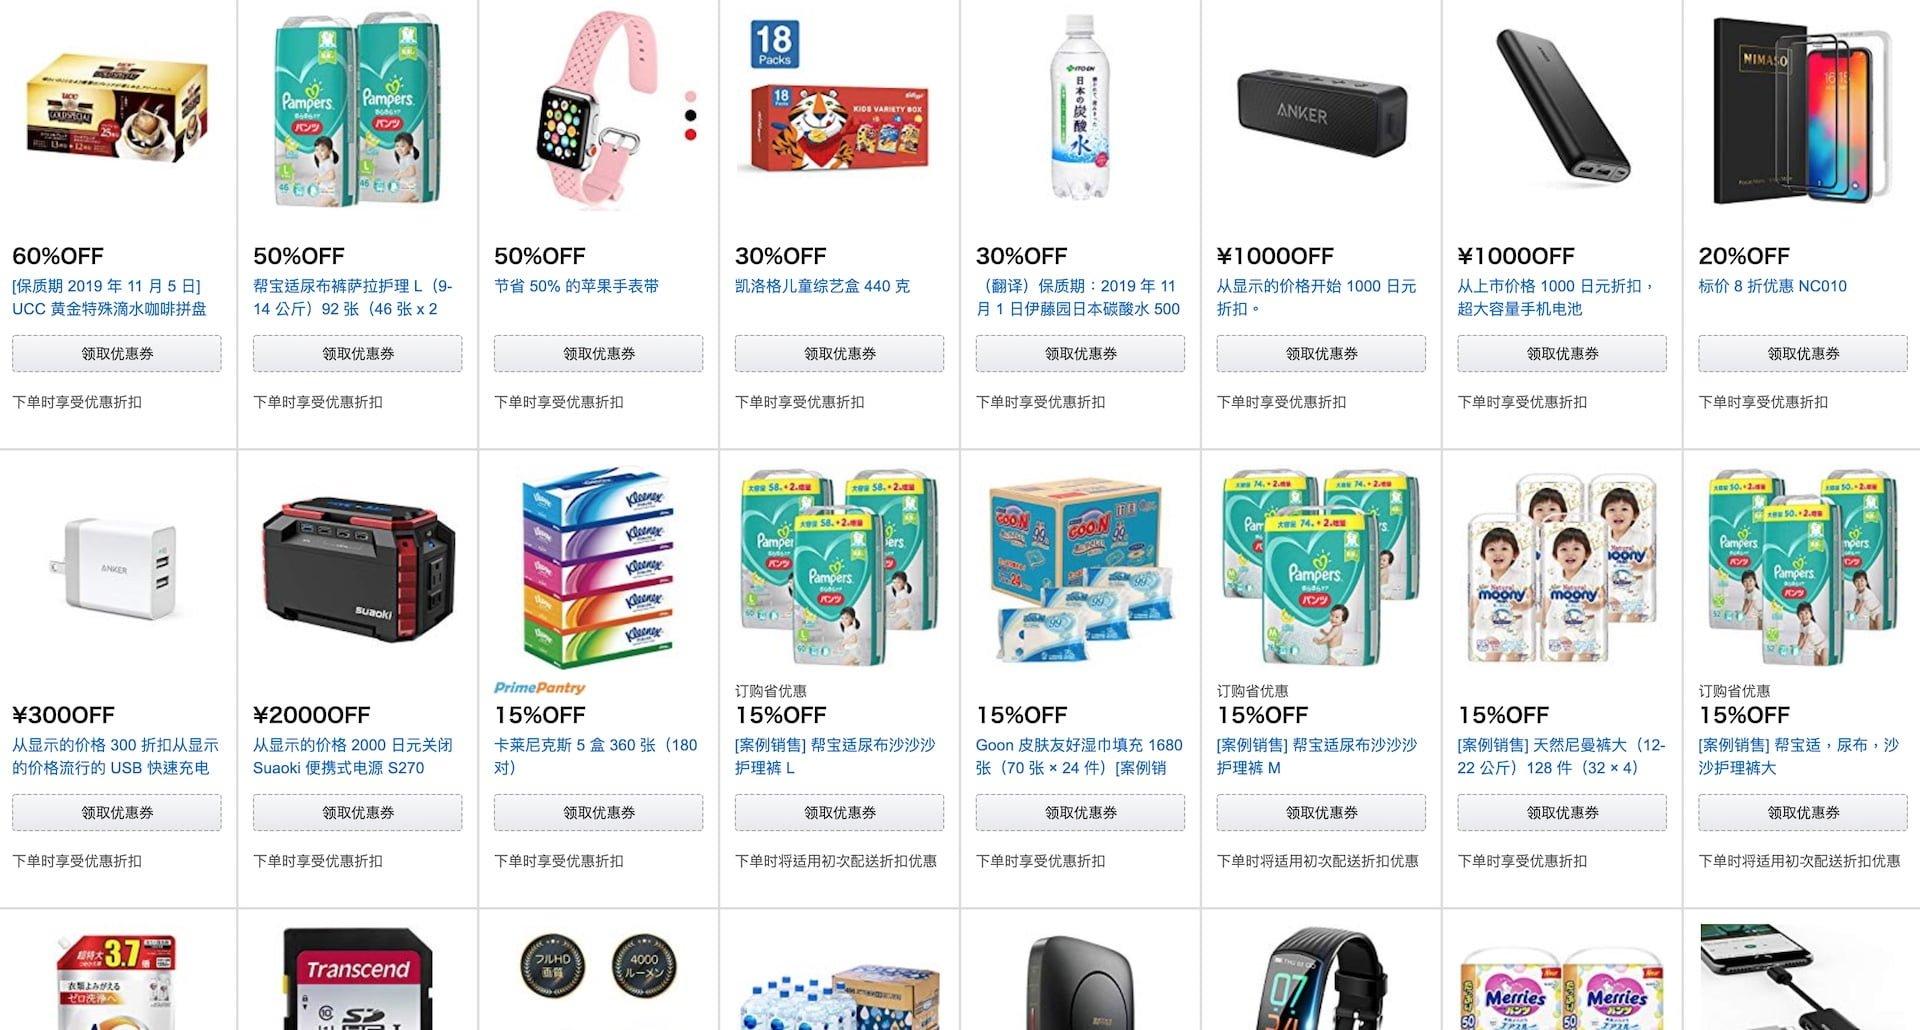 日本亞馬遜 Amazon JP 促銷優惠券、折價券、折扣碼免費索取 Ten Choice 1